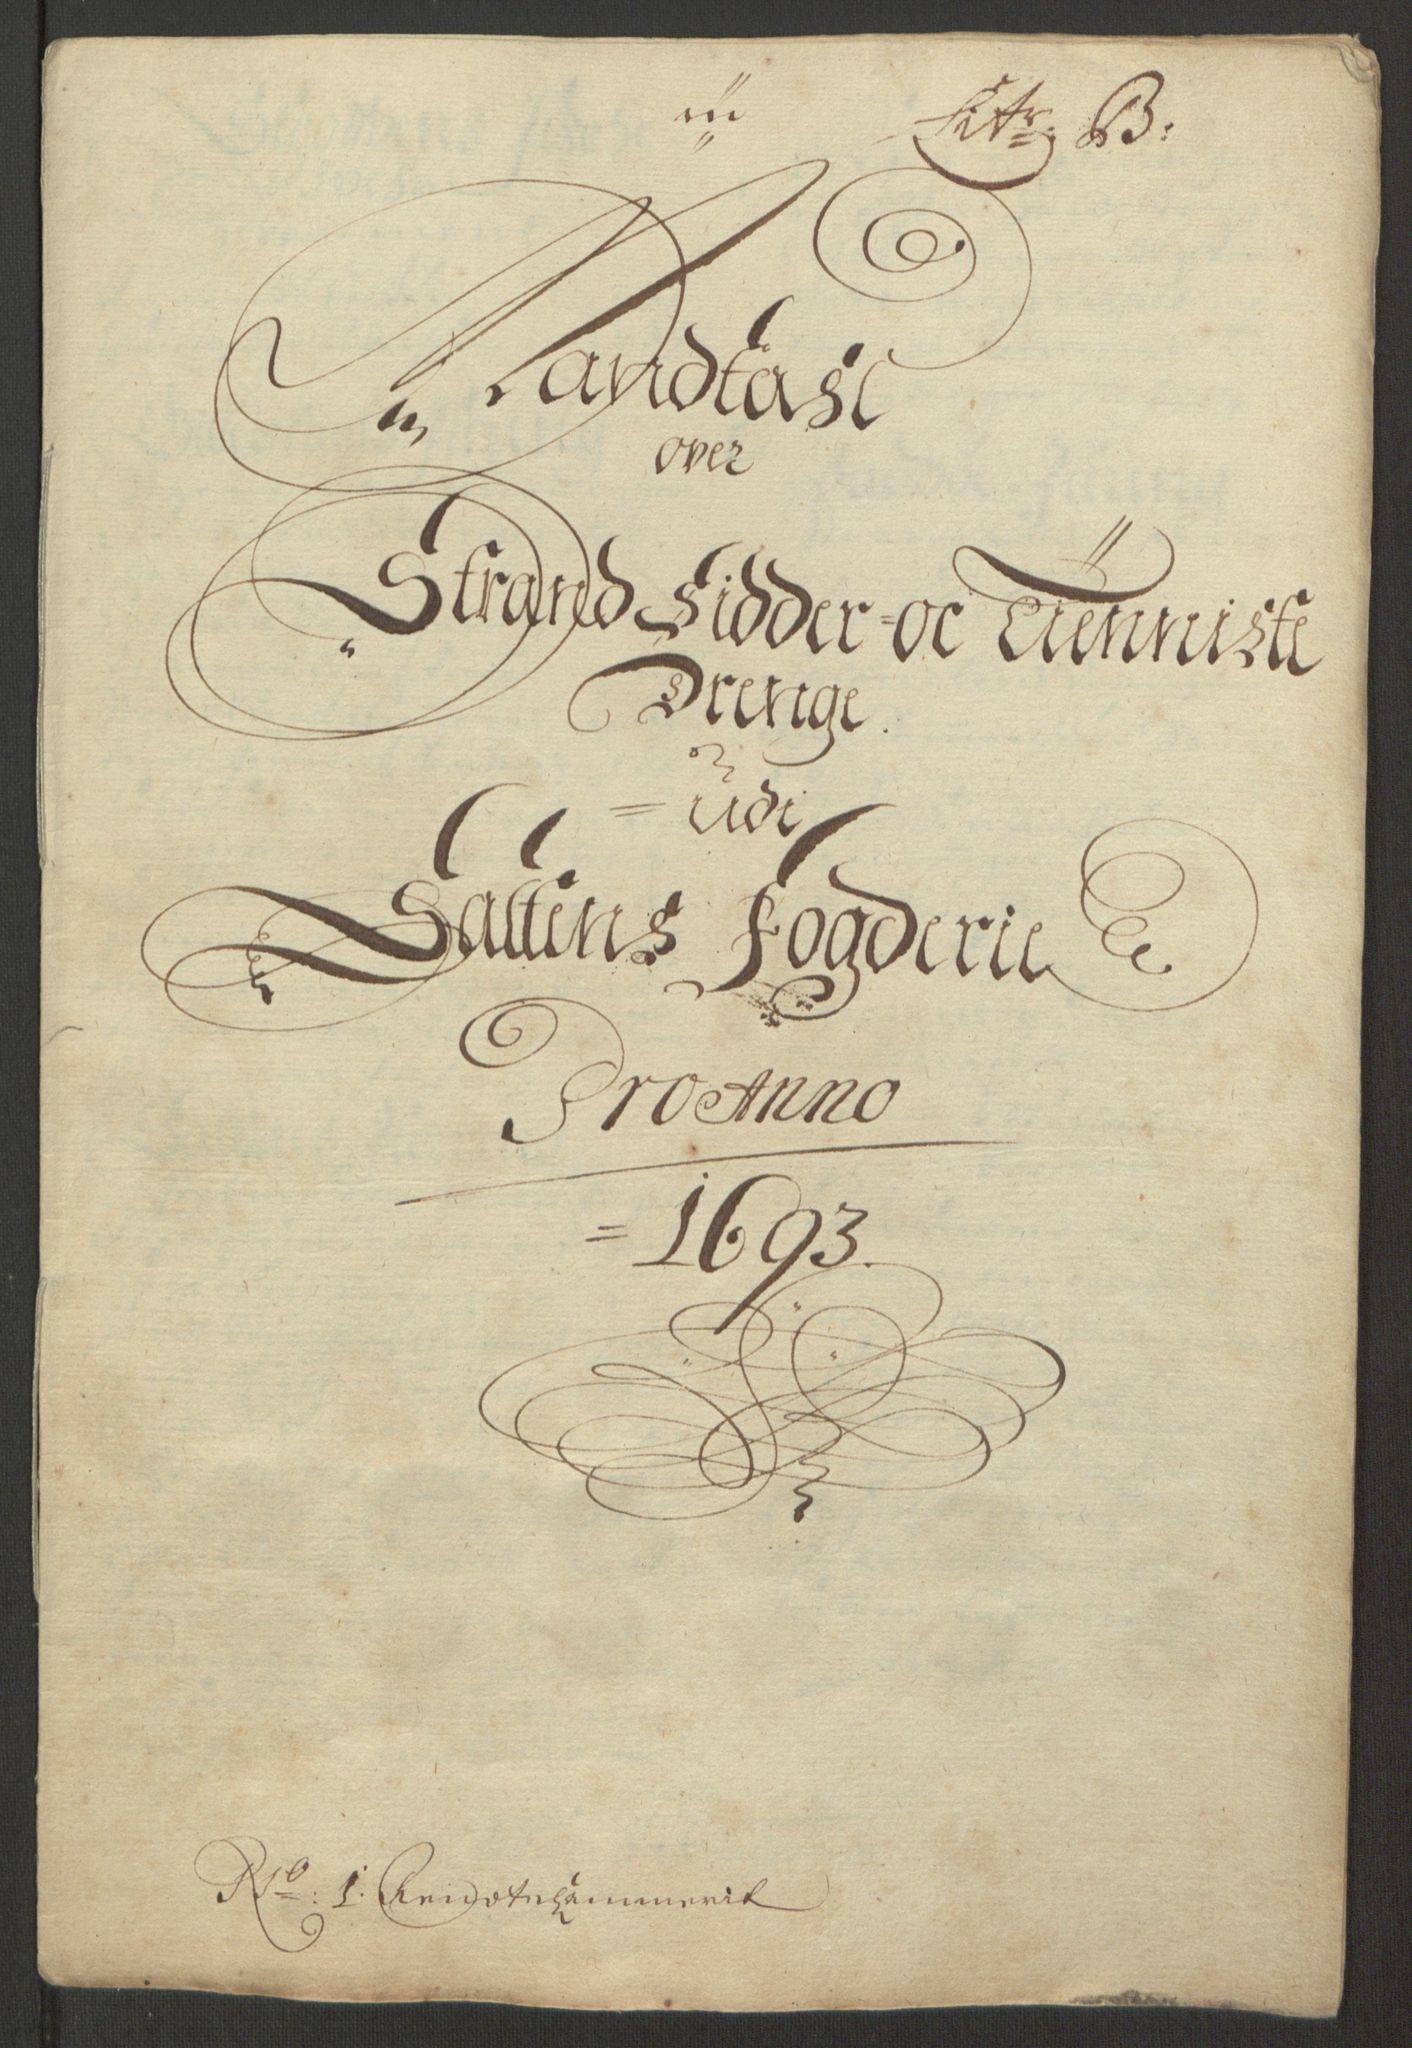 RA, Rentekammeret inntil 1814, Reviderte regnskaper, Fogderegnskap, R66/L4577: Fogderegnskap Salten, 1691-1693, s. 293